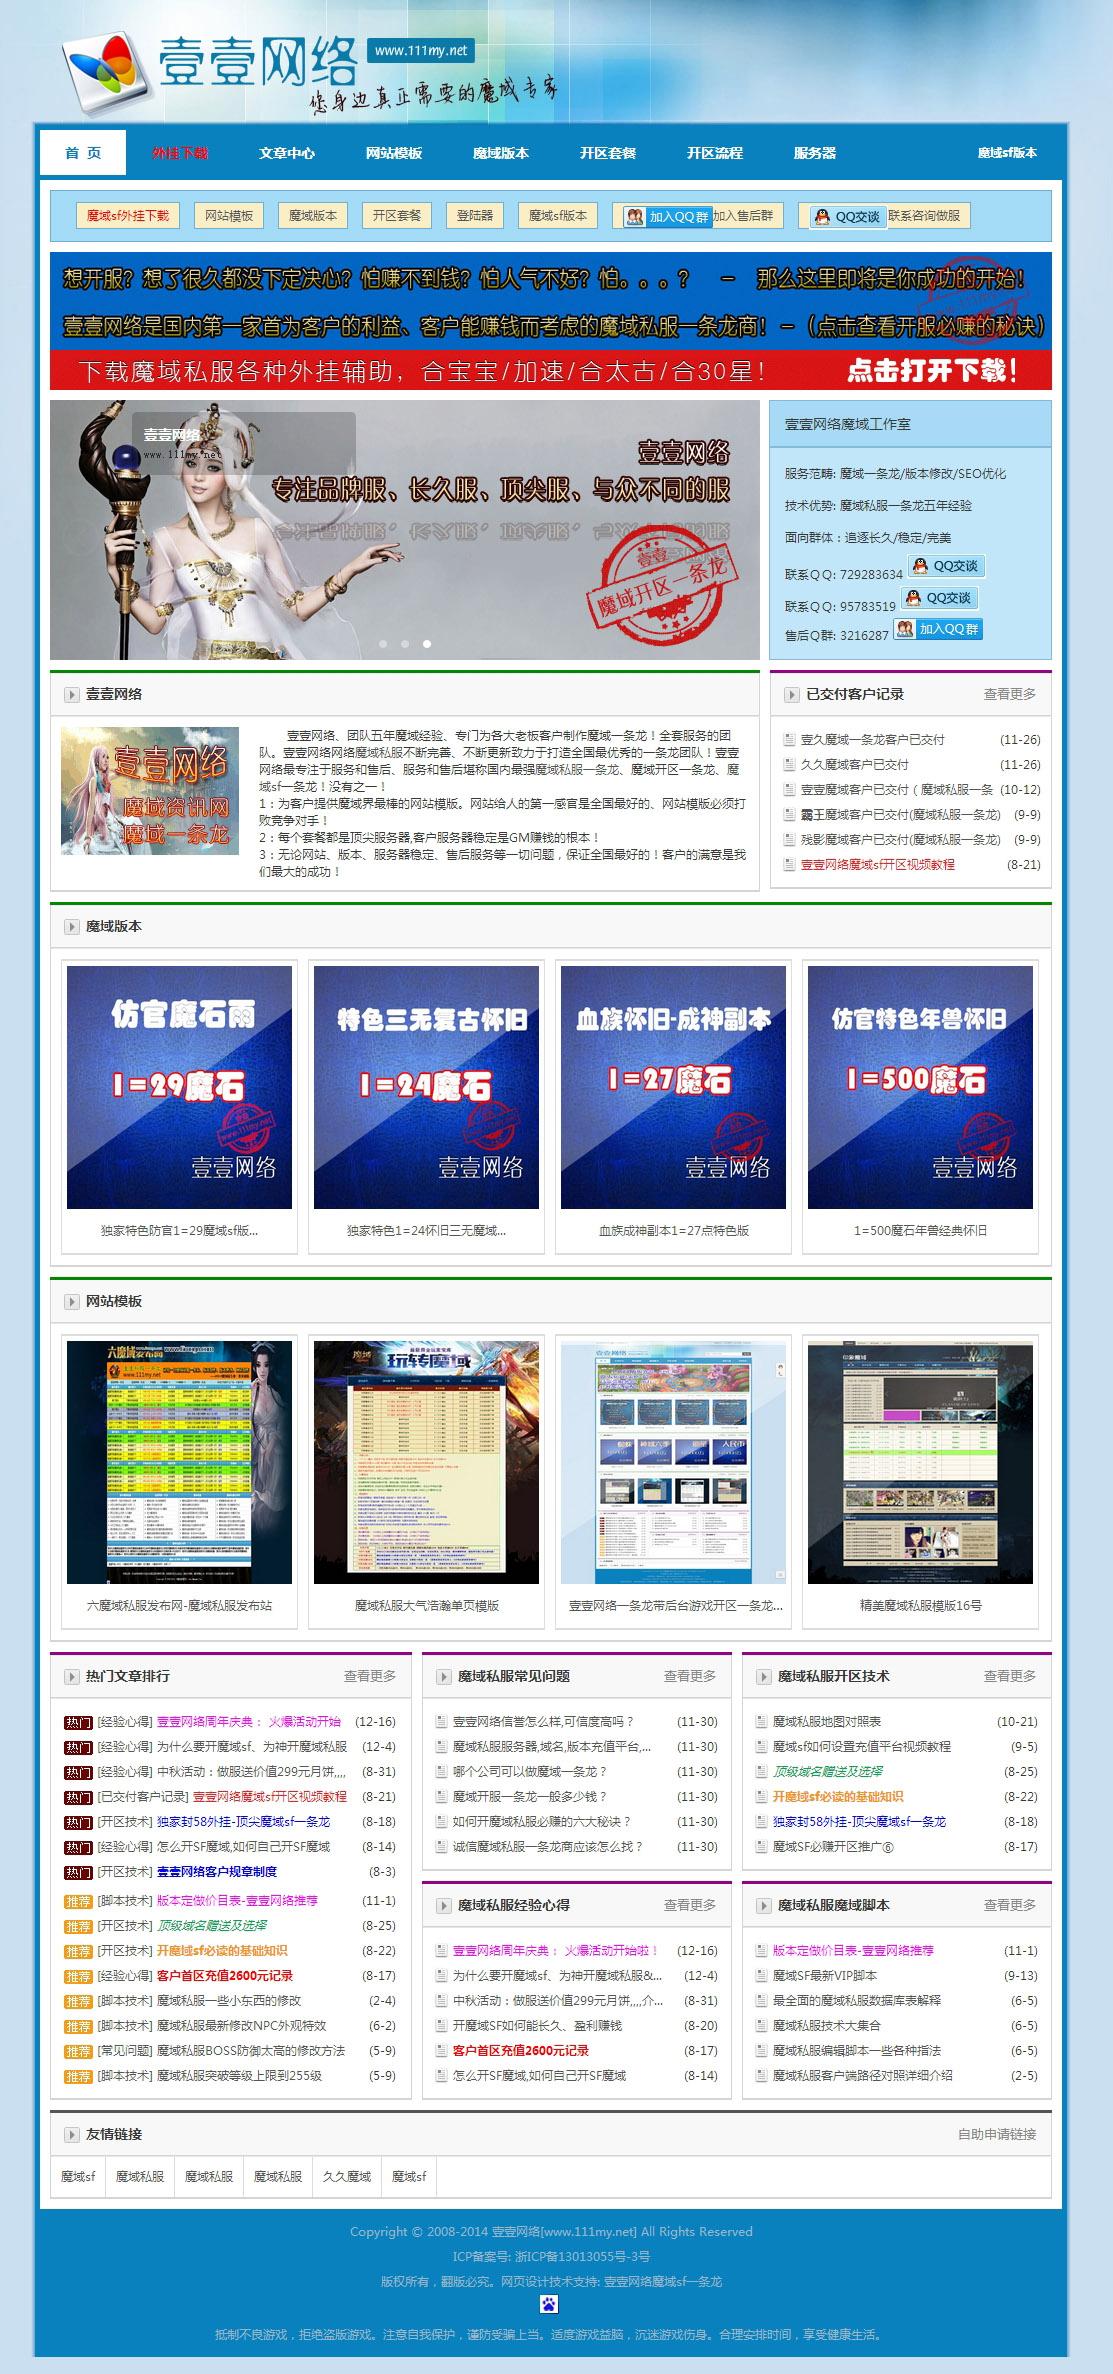 魔域 传奇一条龙网站源码,生成html静态伪静态,仿一条龙网站模板魔域 传奇一条龙网站源码,生成html静态伪静态,仿一条龙网站模板